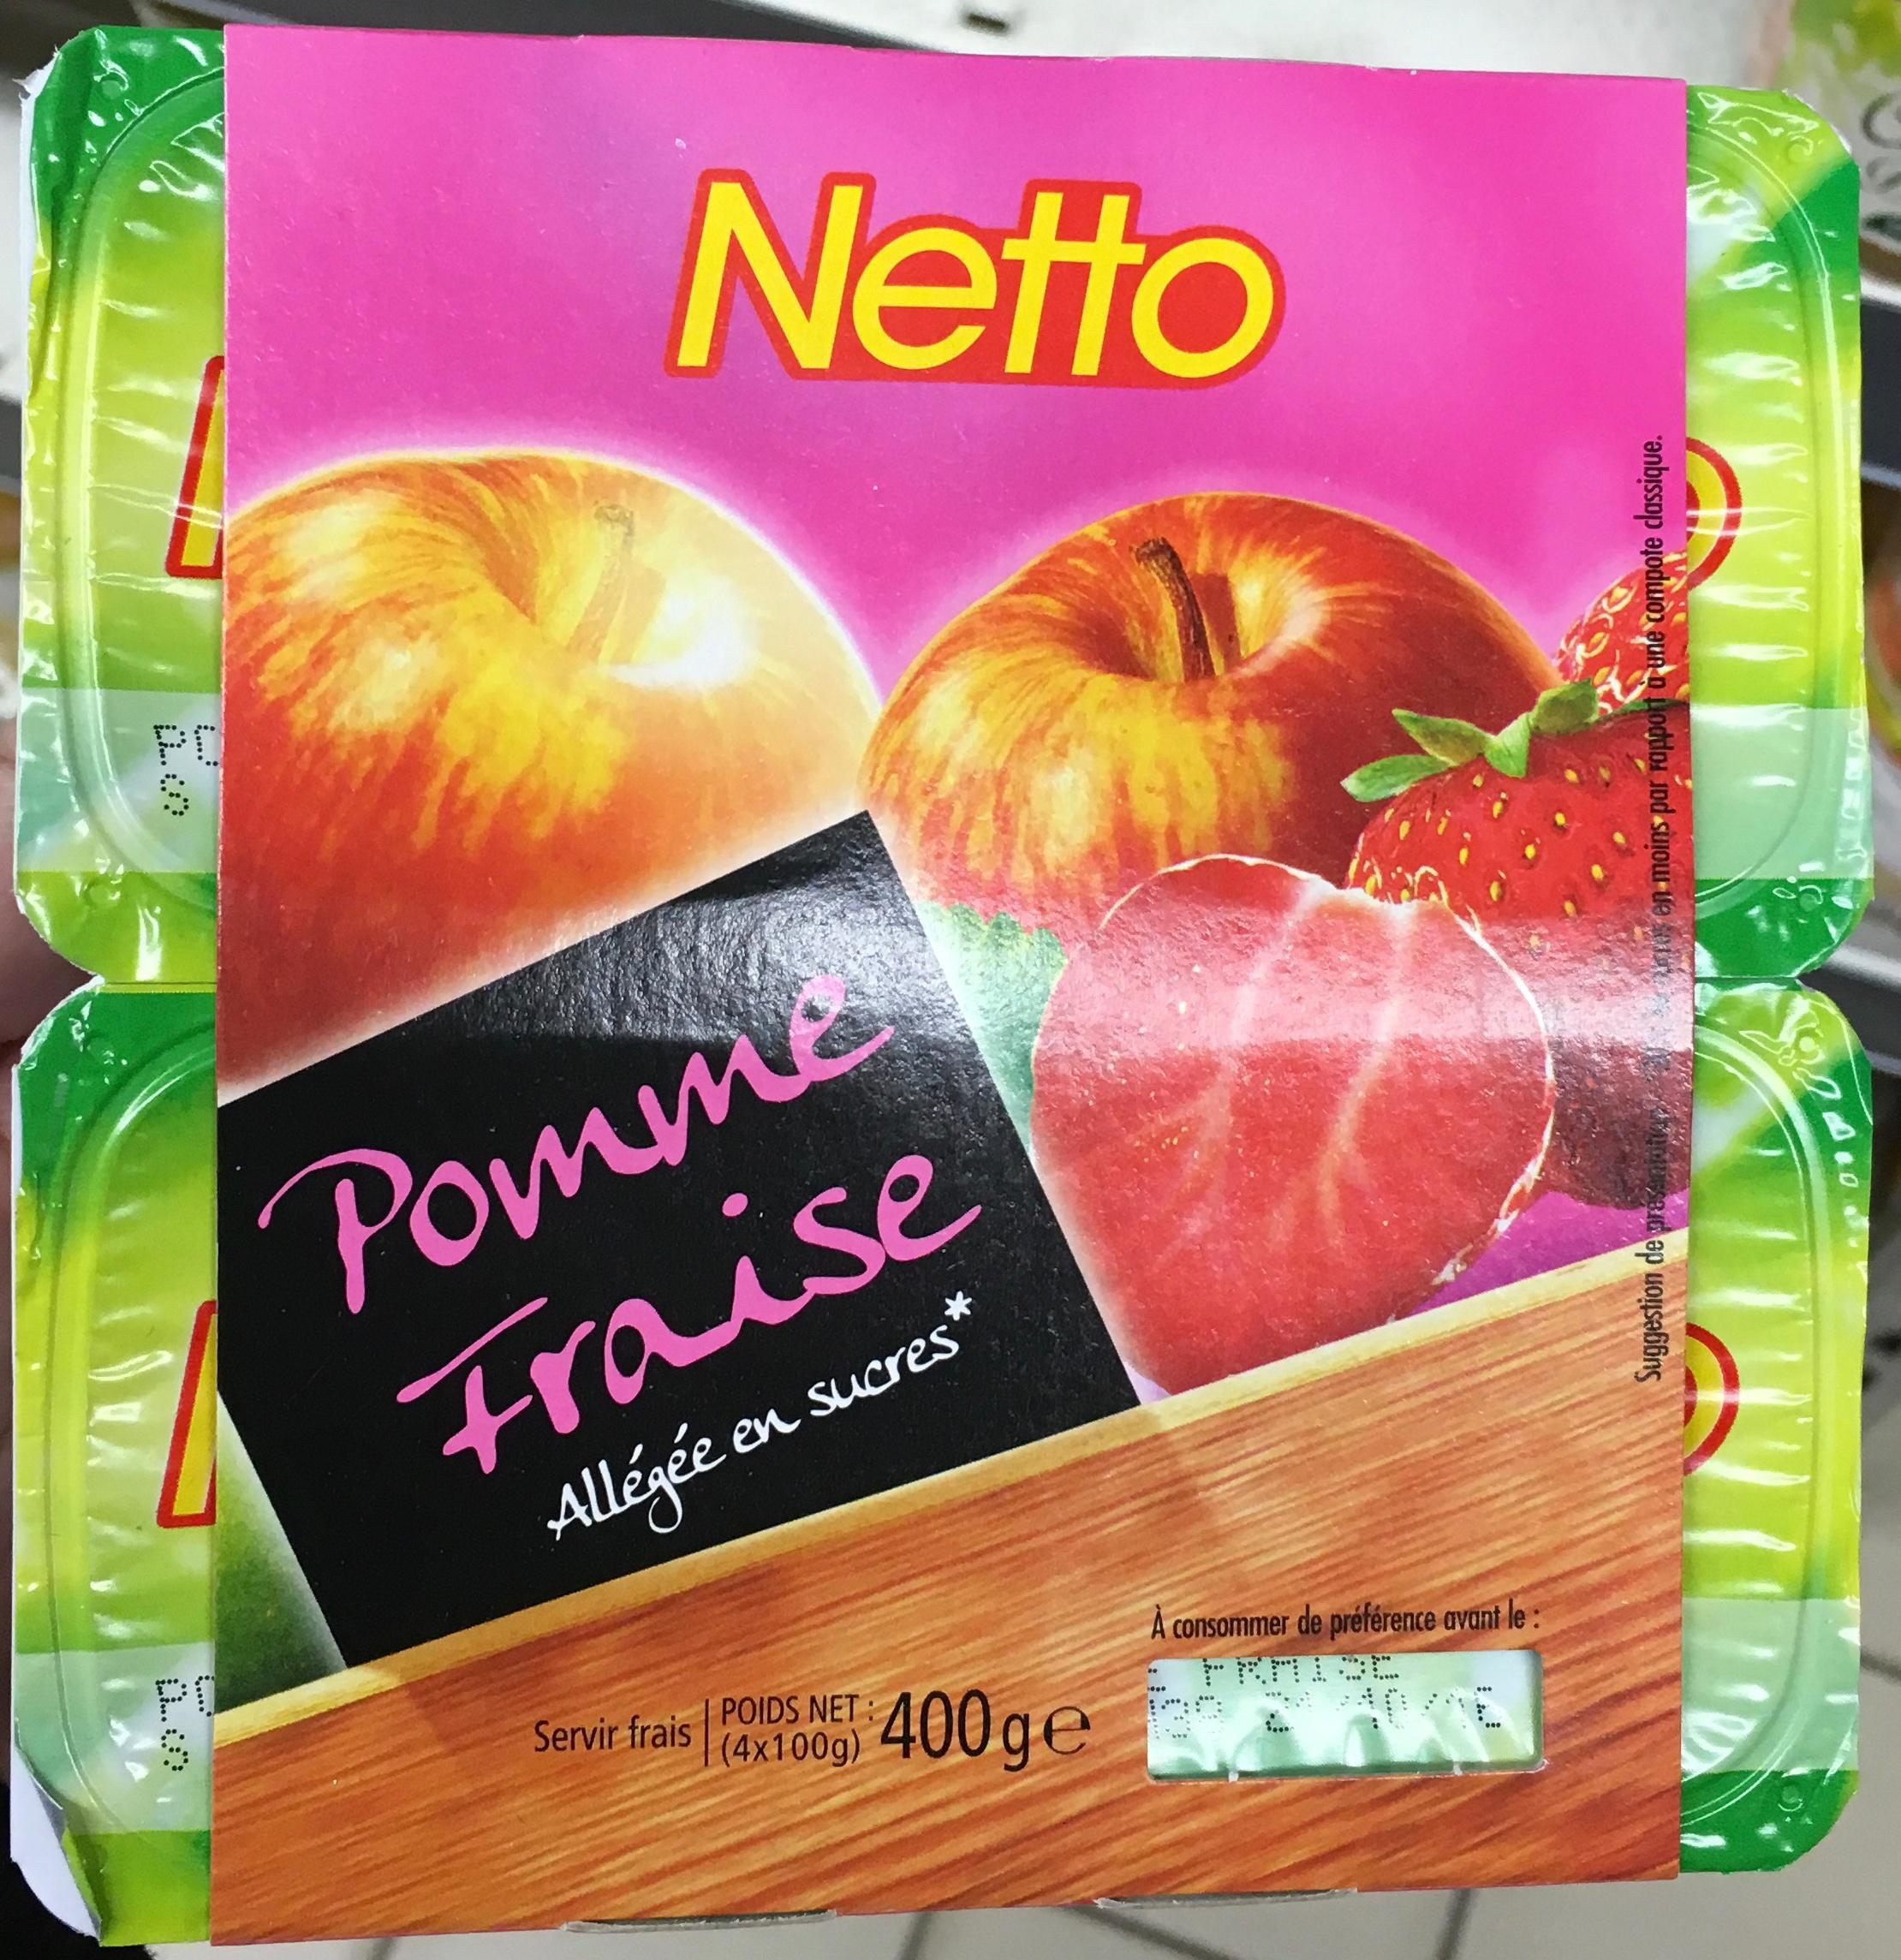 dessert de fruits pomme fraise - Product